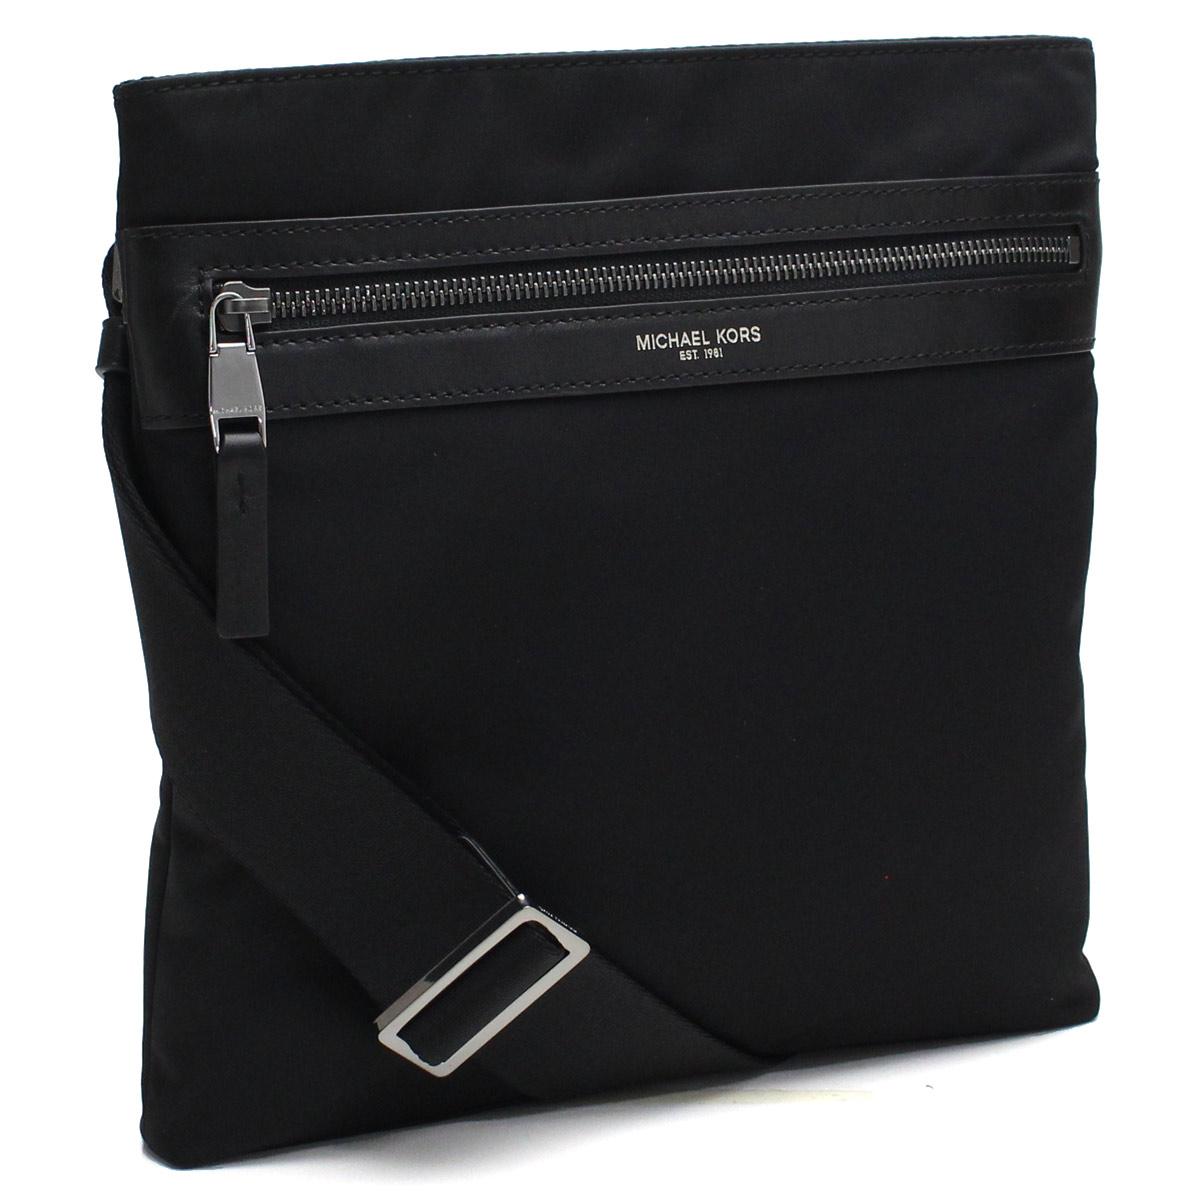 e3fa75b2cd87 Bighit The total brand wholesale  Take Michael Kors MICHAEL KORS KENT Kent  slant  shoulder bag 33F5LKNC1C BLACK black